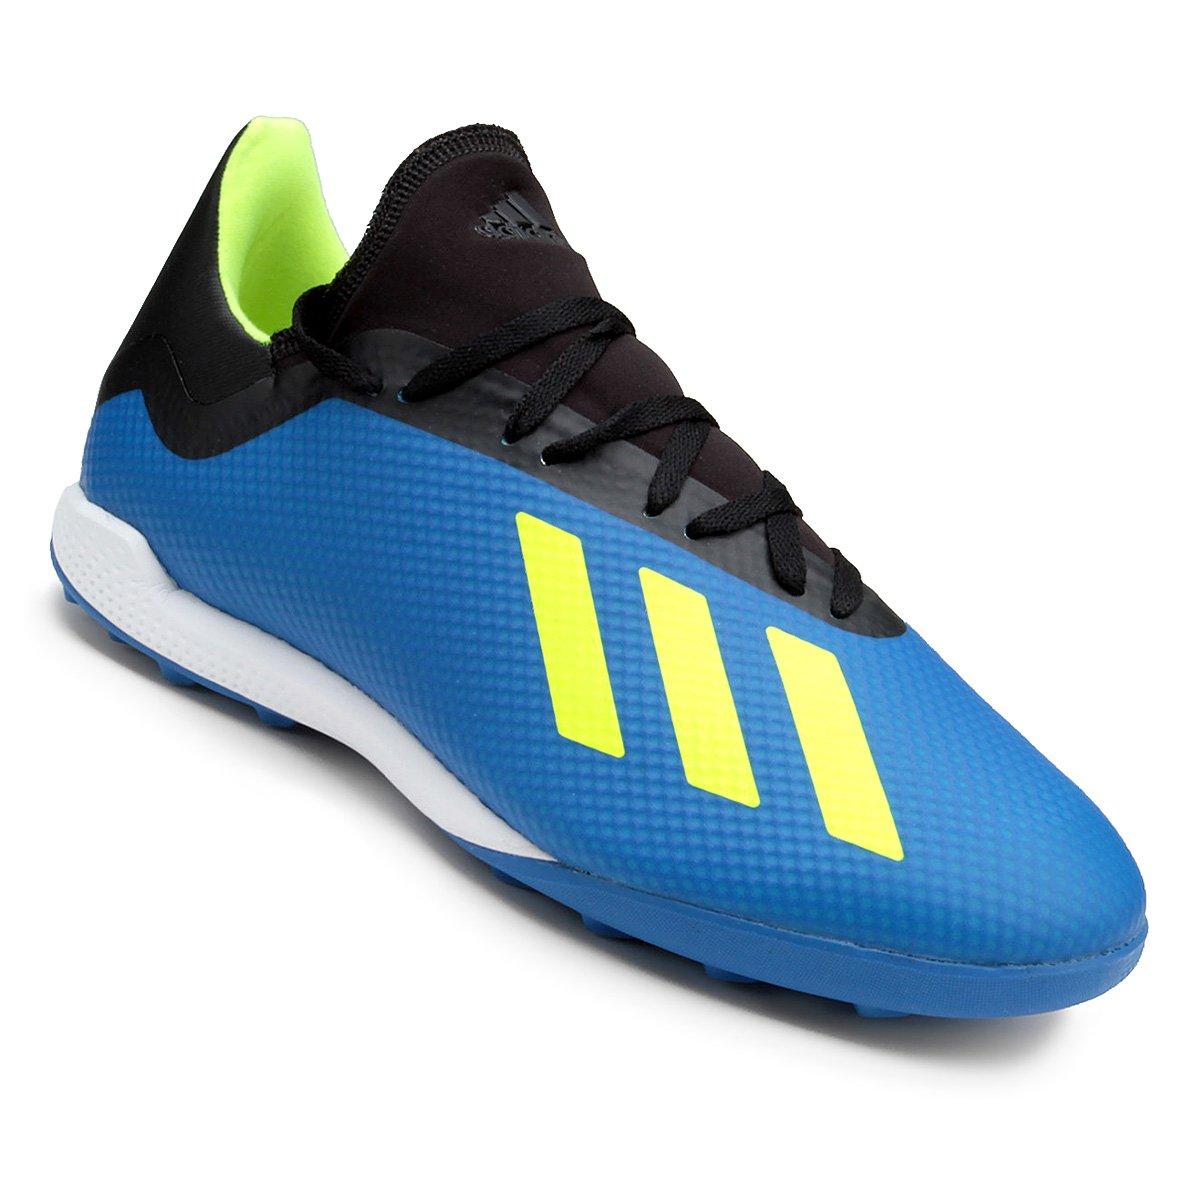 49016c2783c03 Chuteira Society Adidas X Tango 18 3 TF - Compre Agora